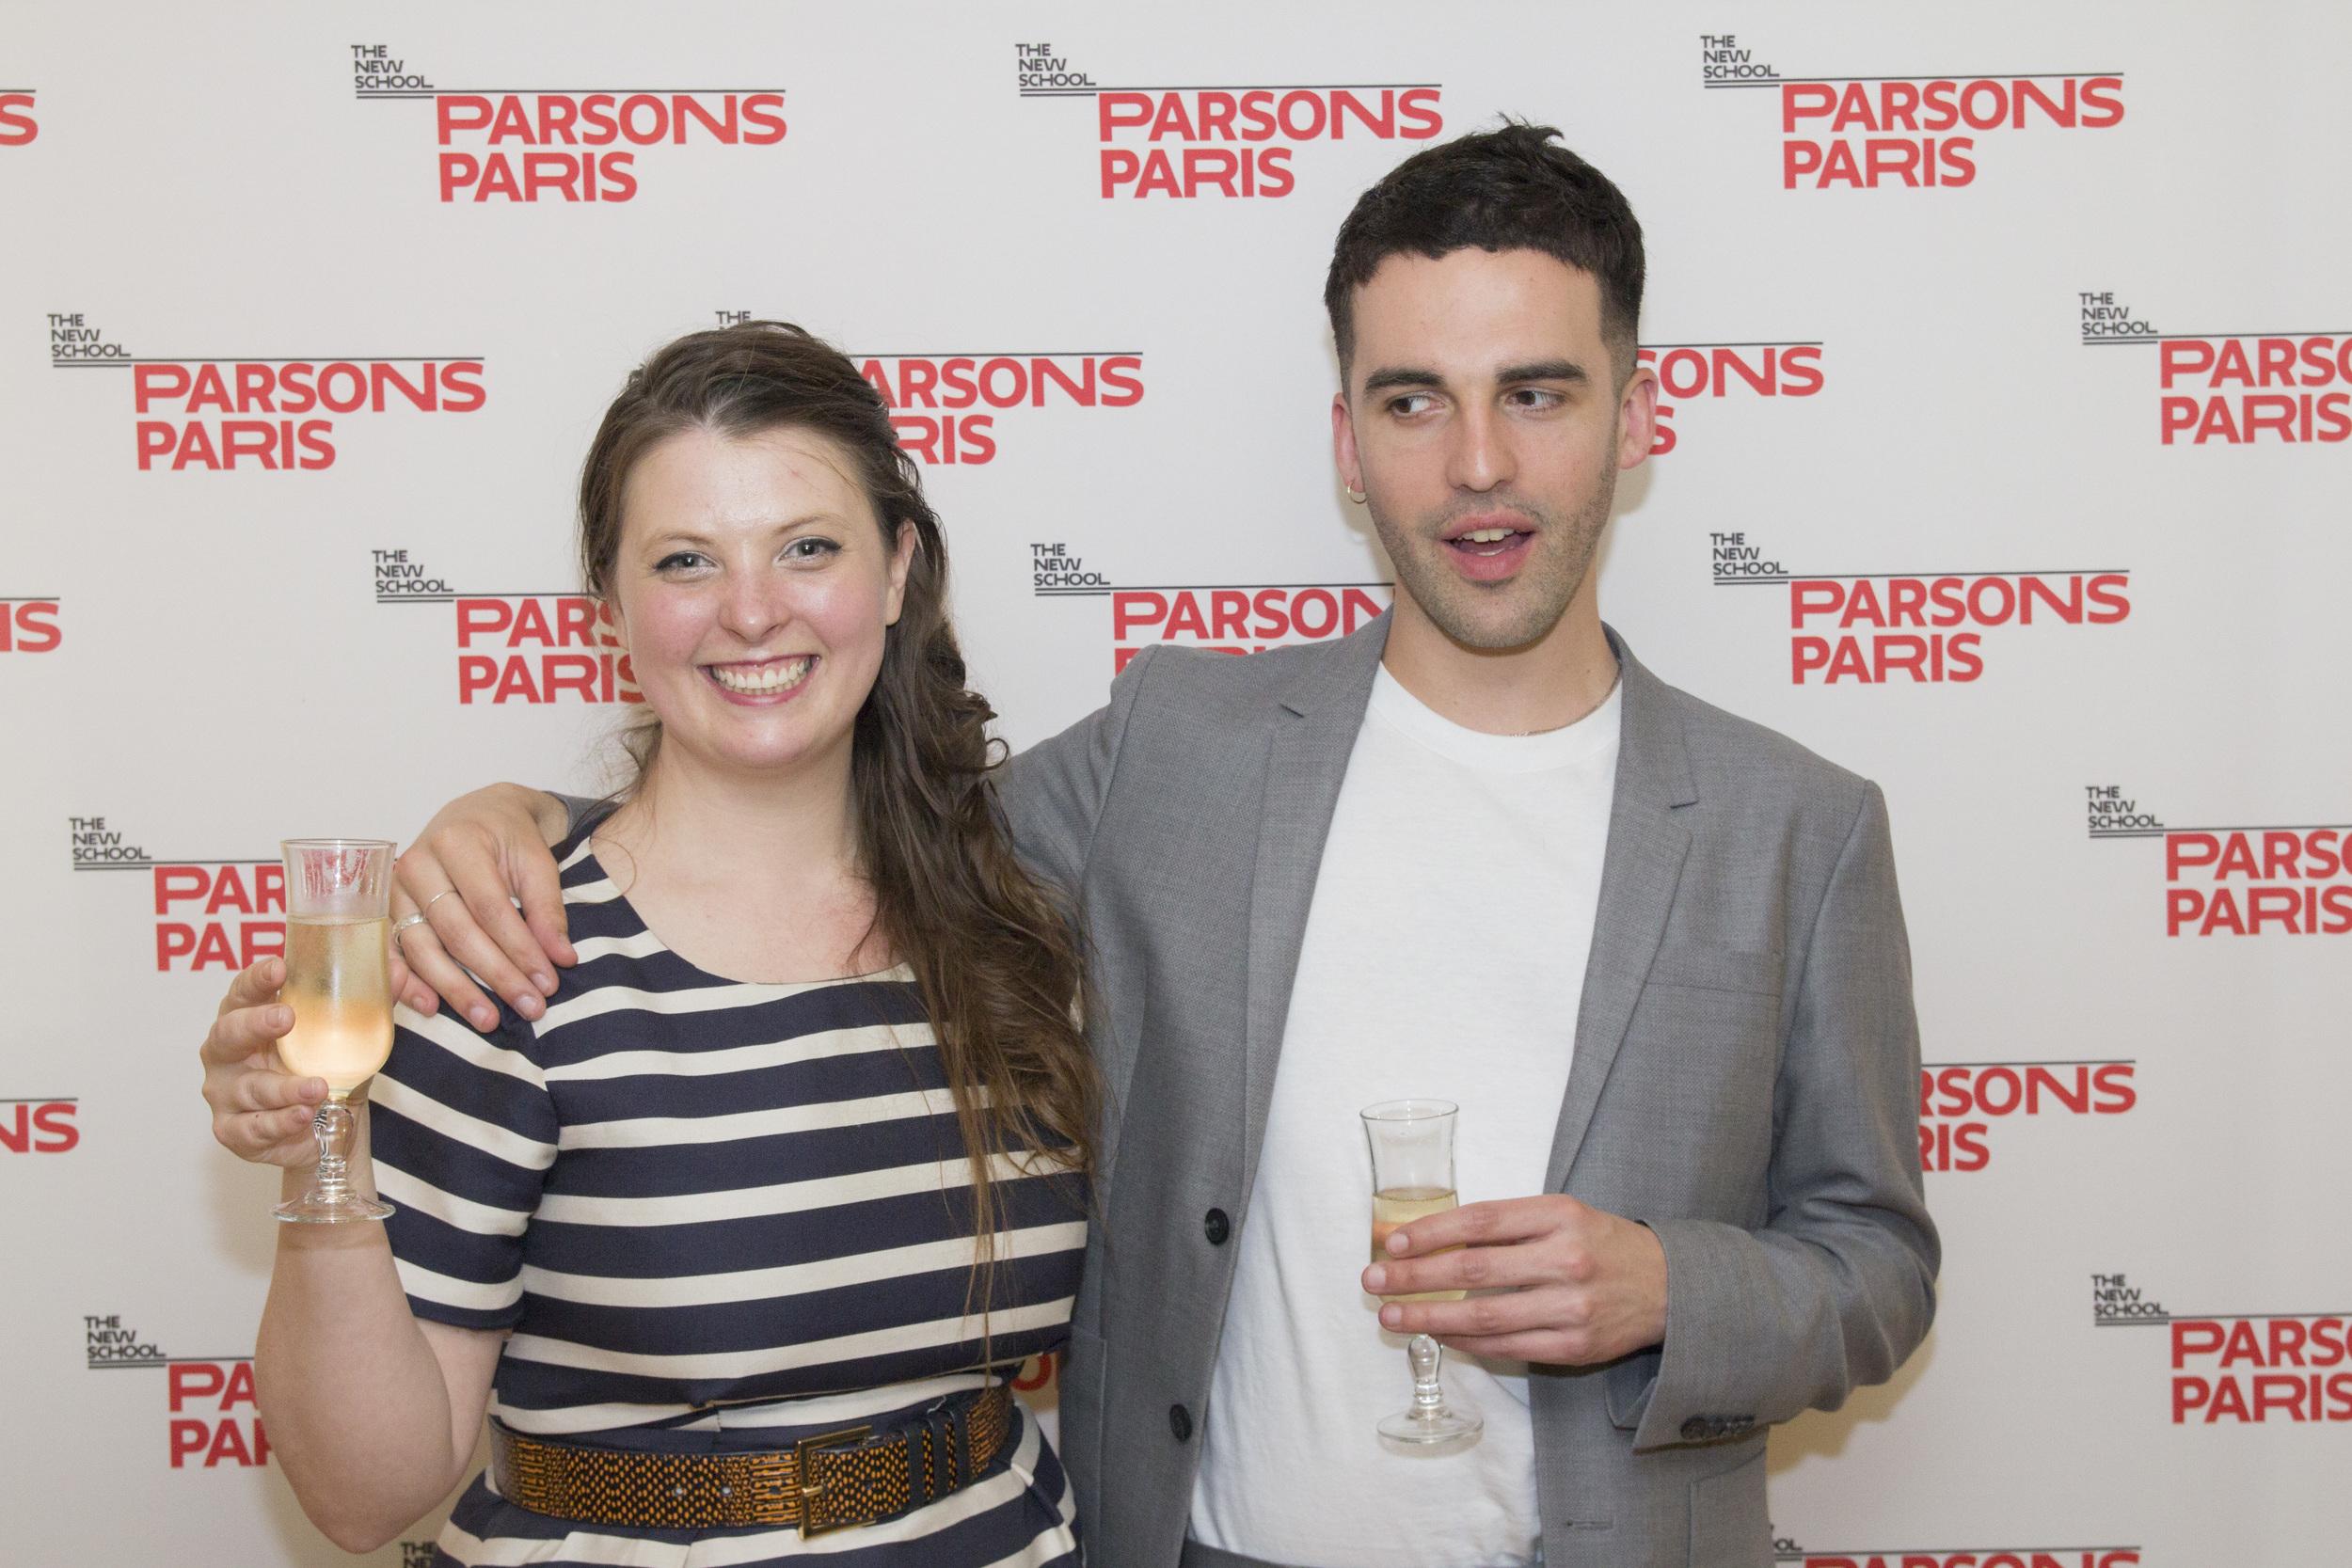 TNS_ParsonsParis_Graduation_173.jpg